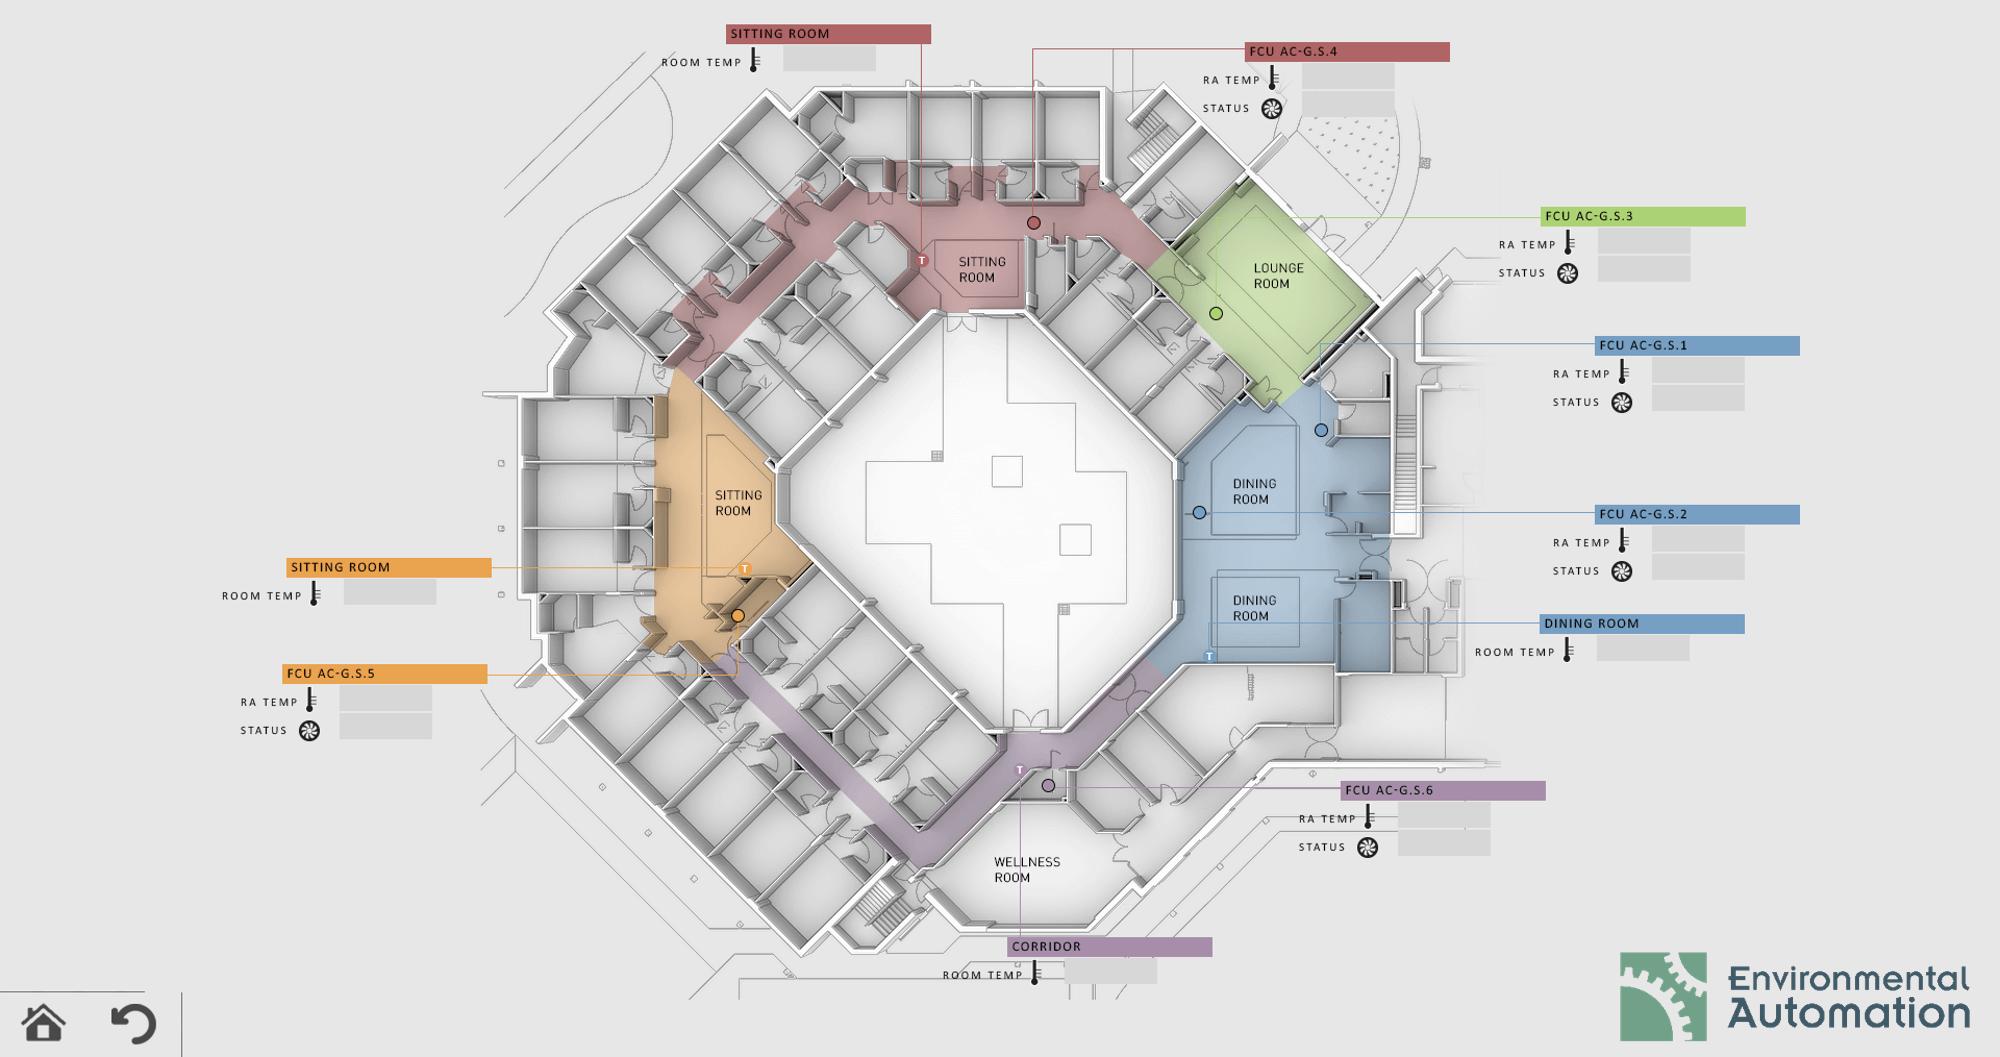 Visualisation Image 1 - Floorplan